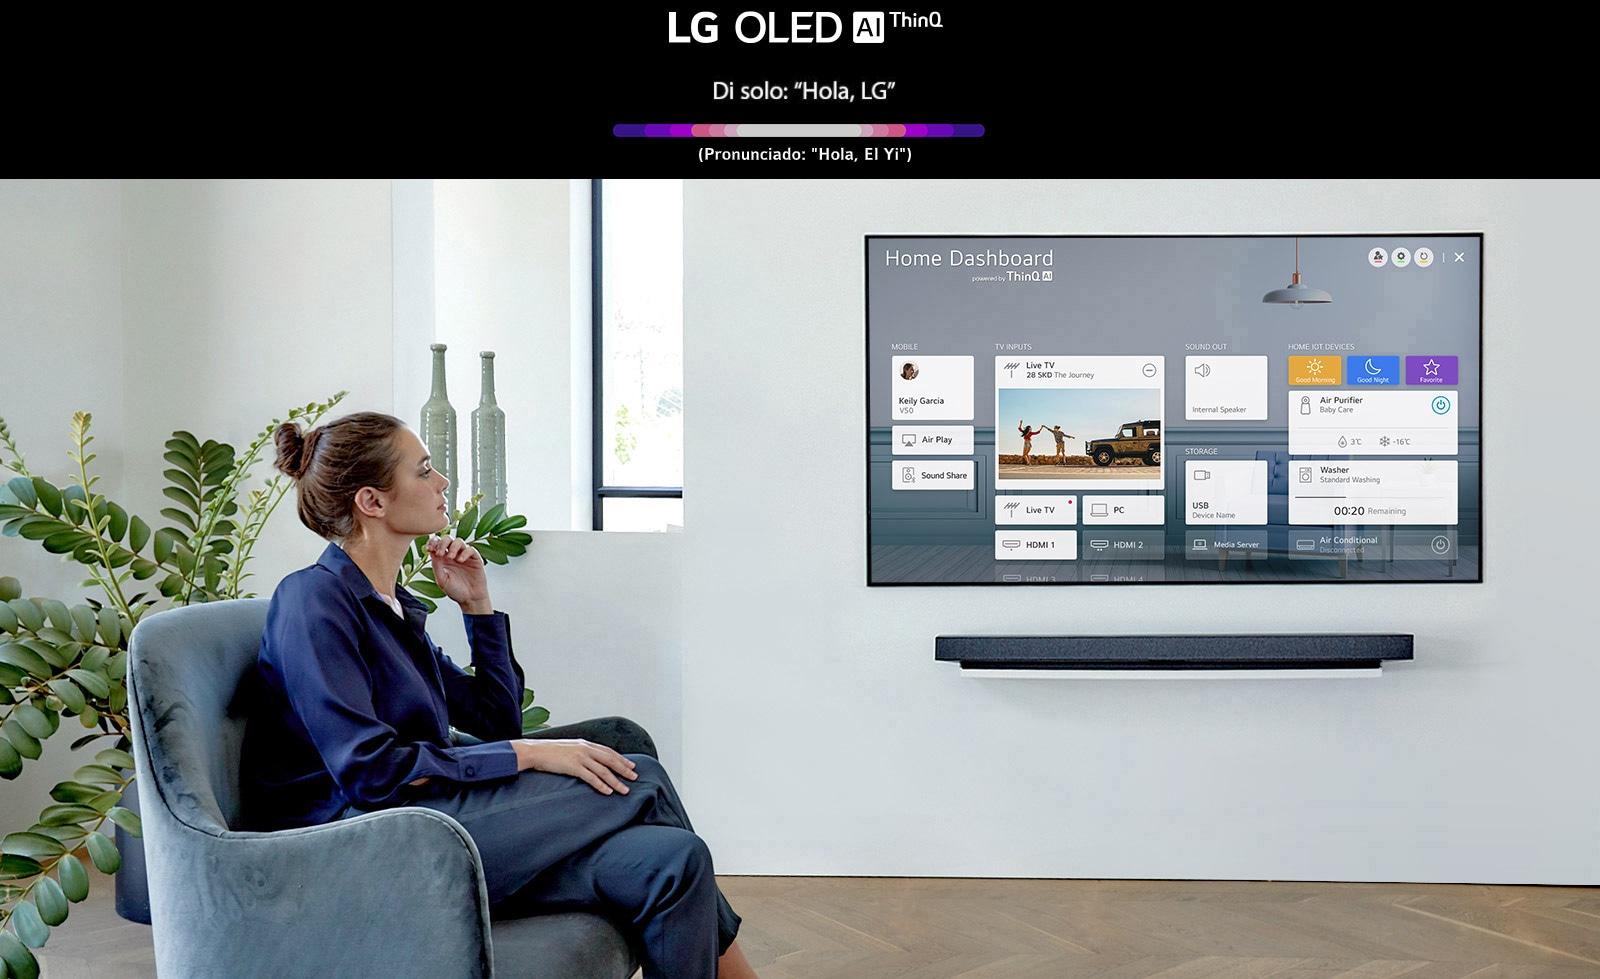 Una mujer sentada en una silla del salón con Home Dashboard en la pantalla del televisor